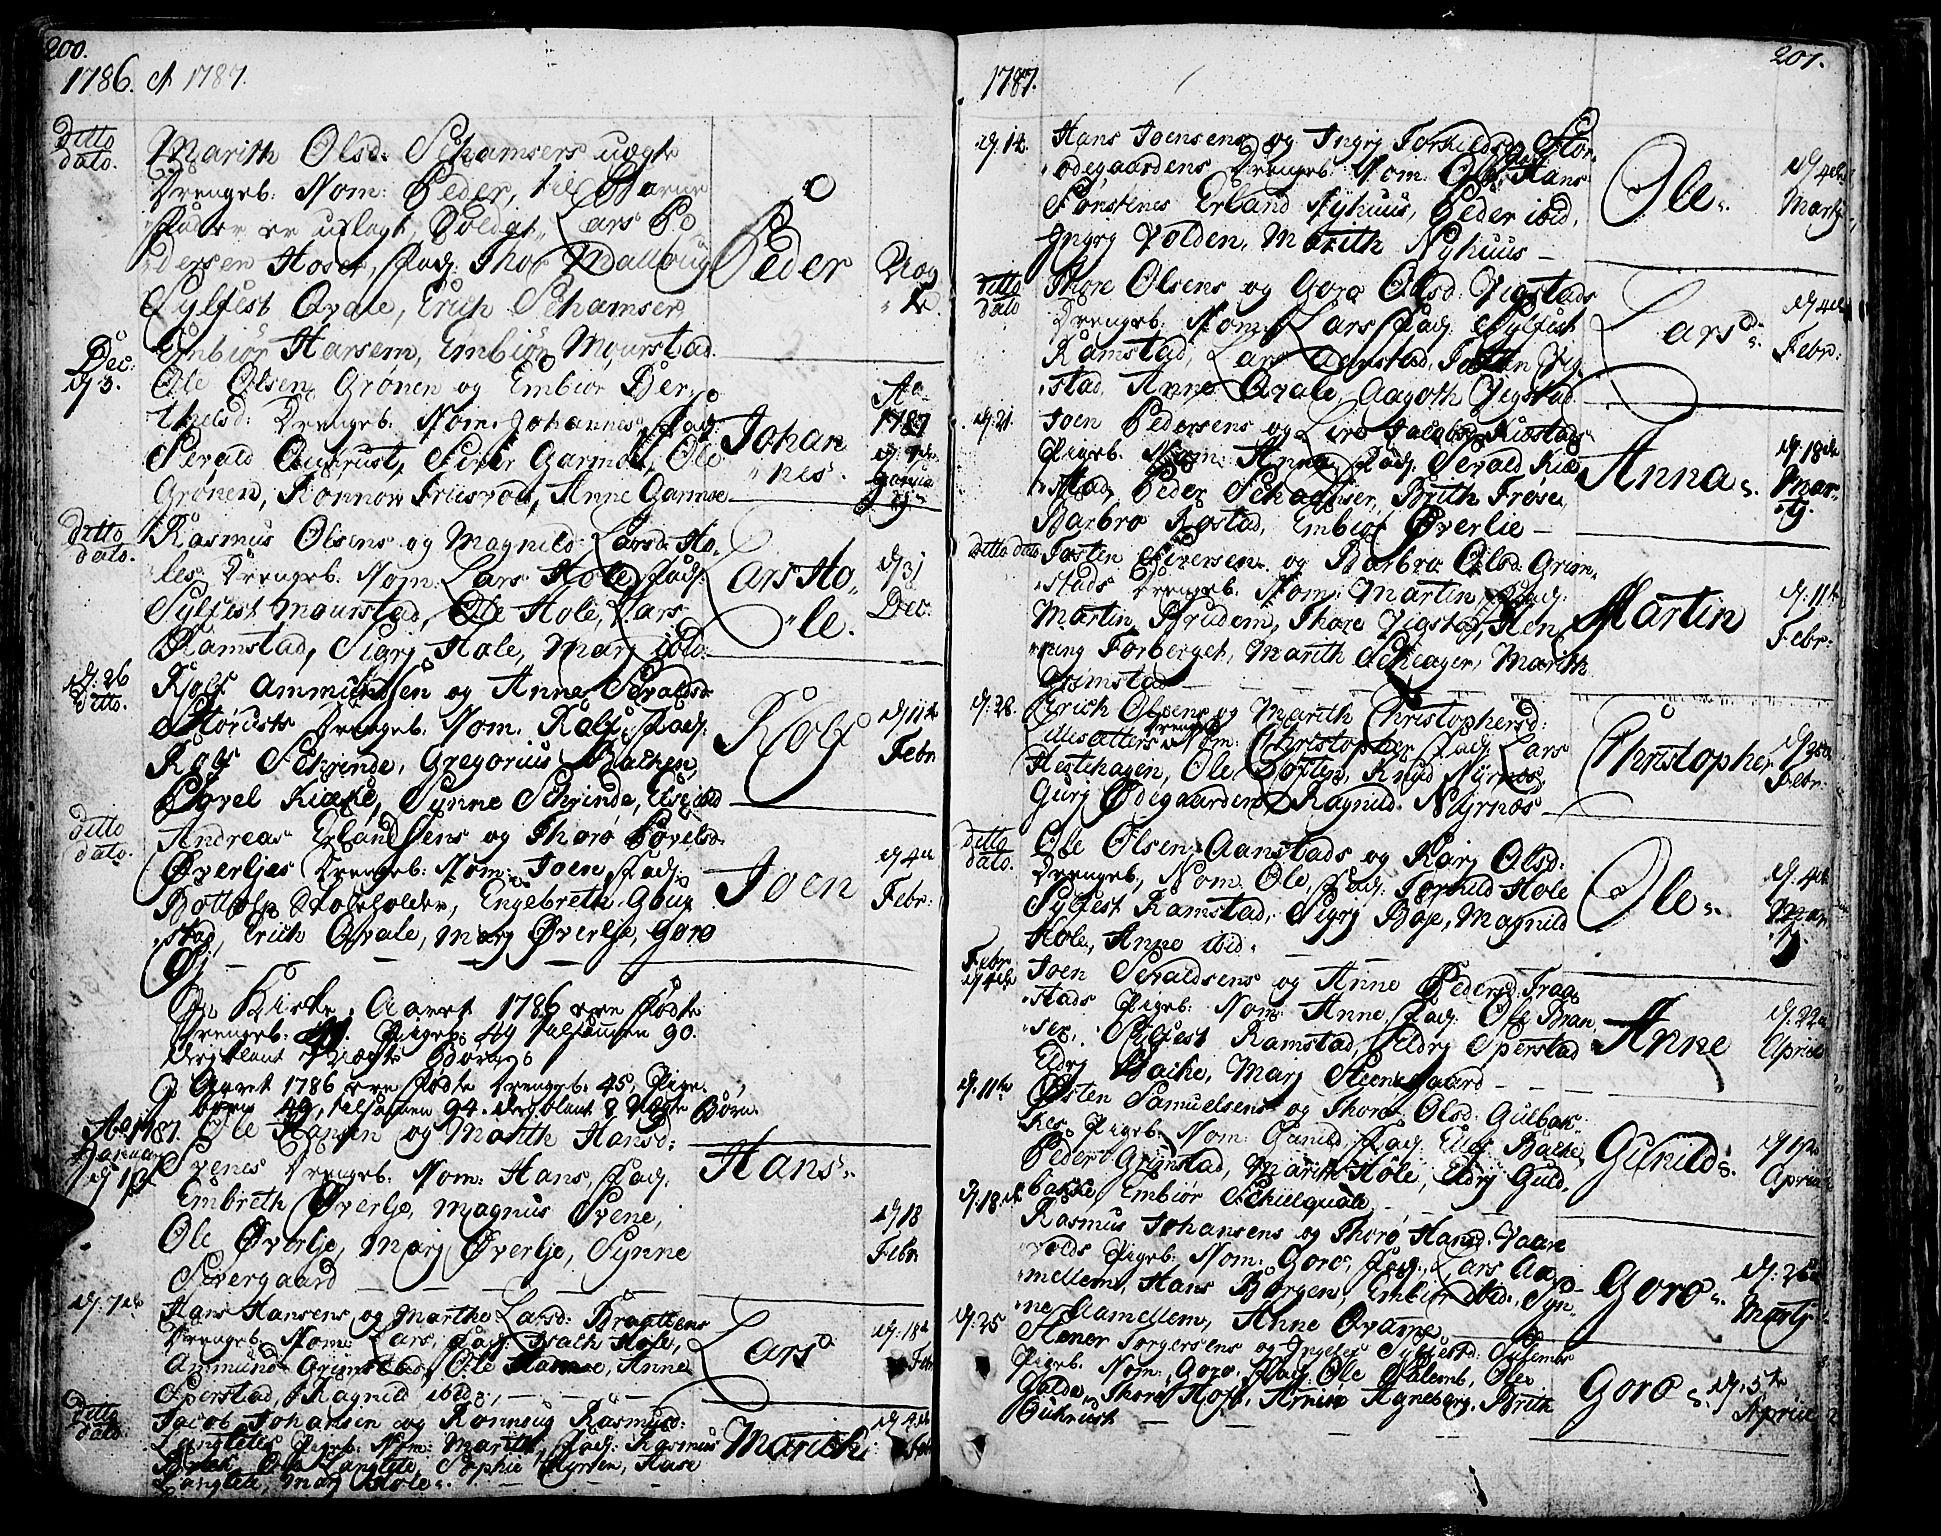 SAH, Lom prestekontor, K/L0002: Ministerialbok nr. 2, 1749-1801, s. 200-201